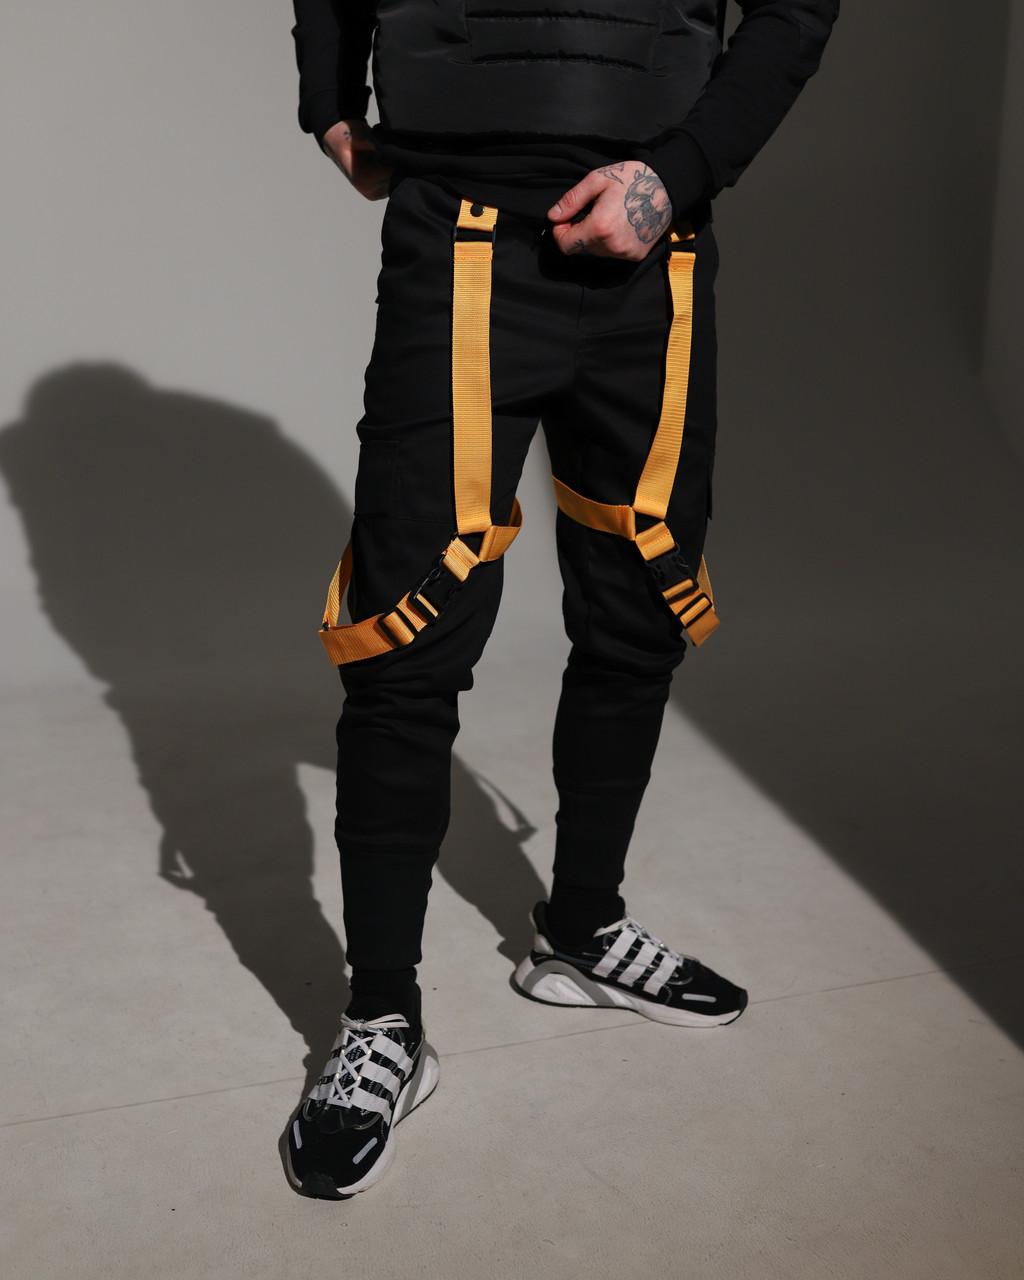 Карго штаны (джоггеры) мужские черные с оранжевыми лямками бренд ТУР модель Киоши